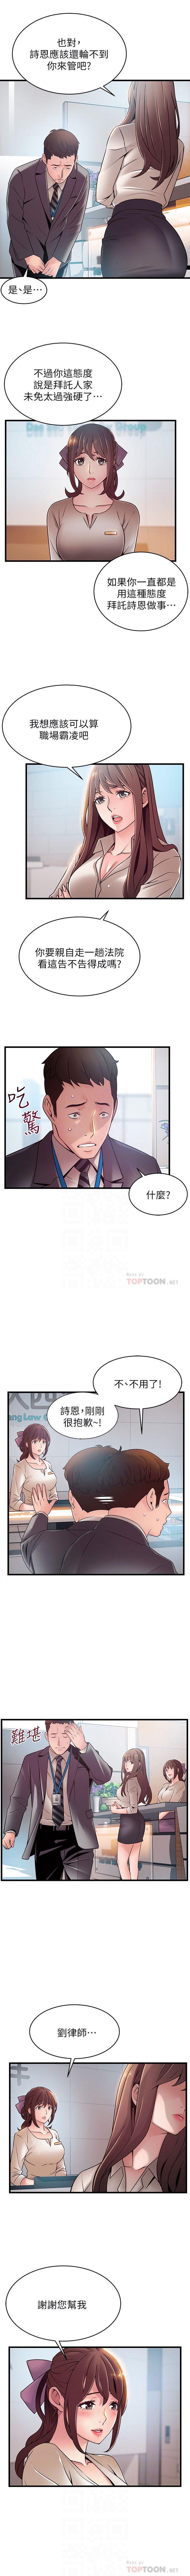 (週7)弱點 1-76 中文翻譯(更新中) 329